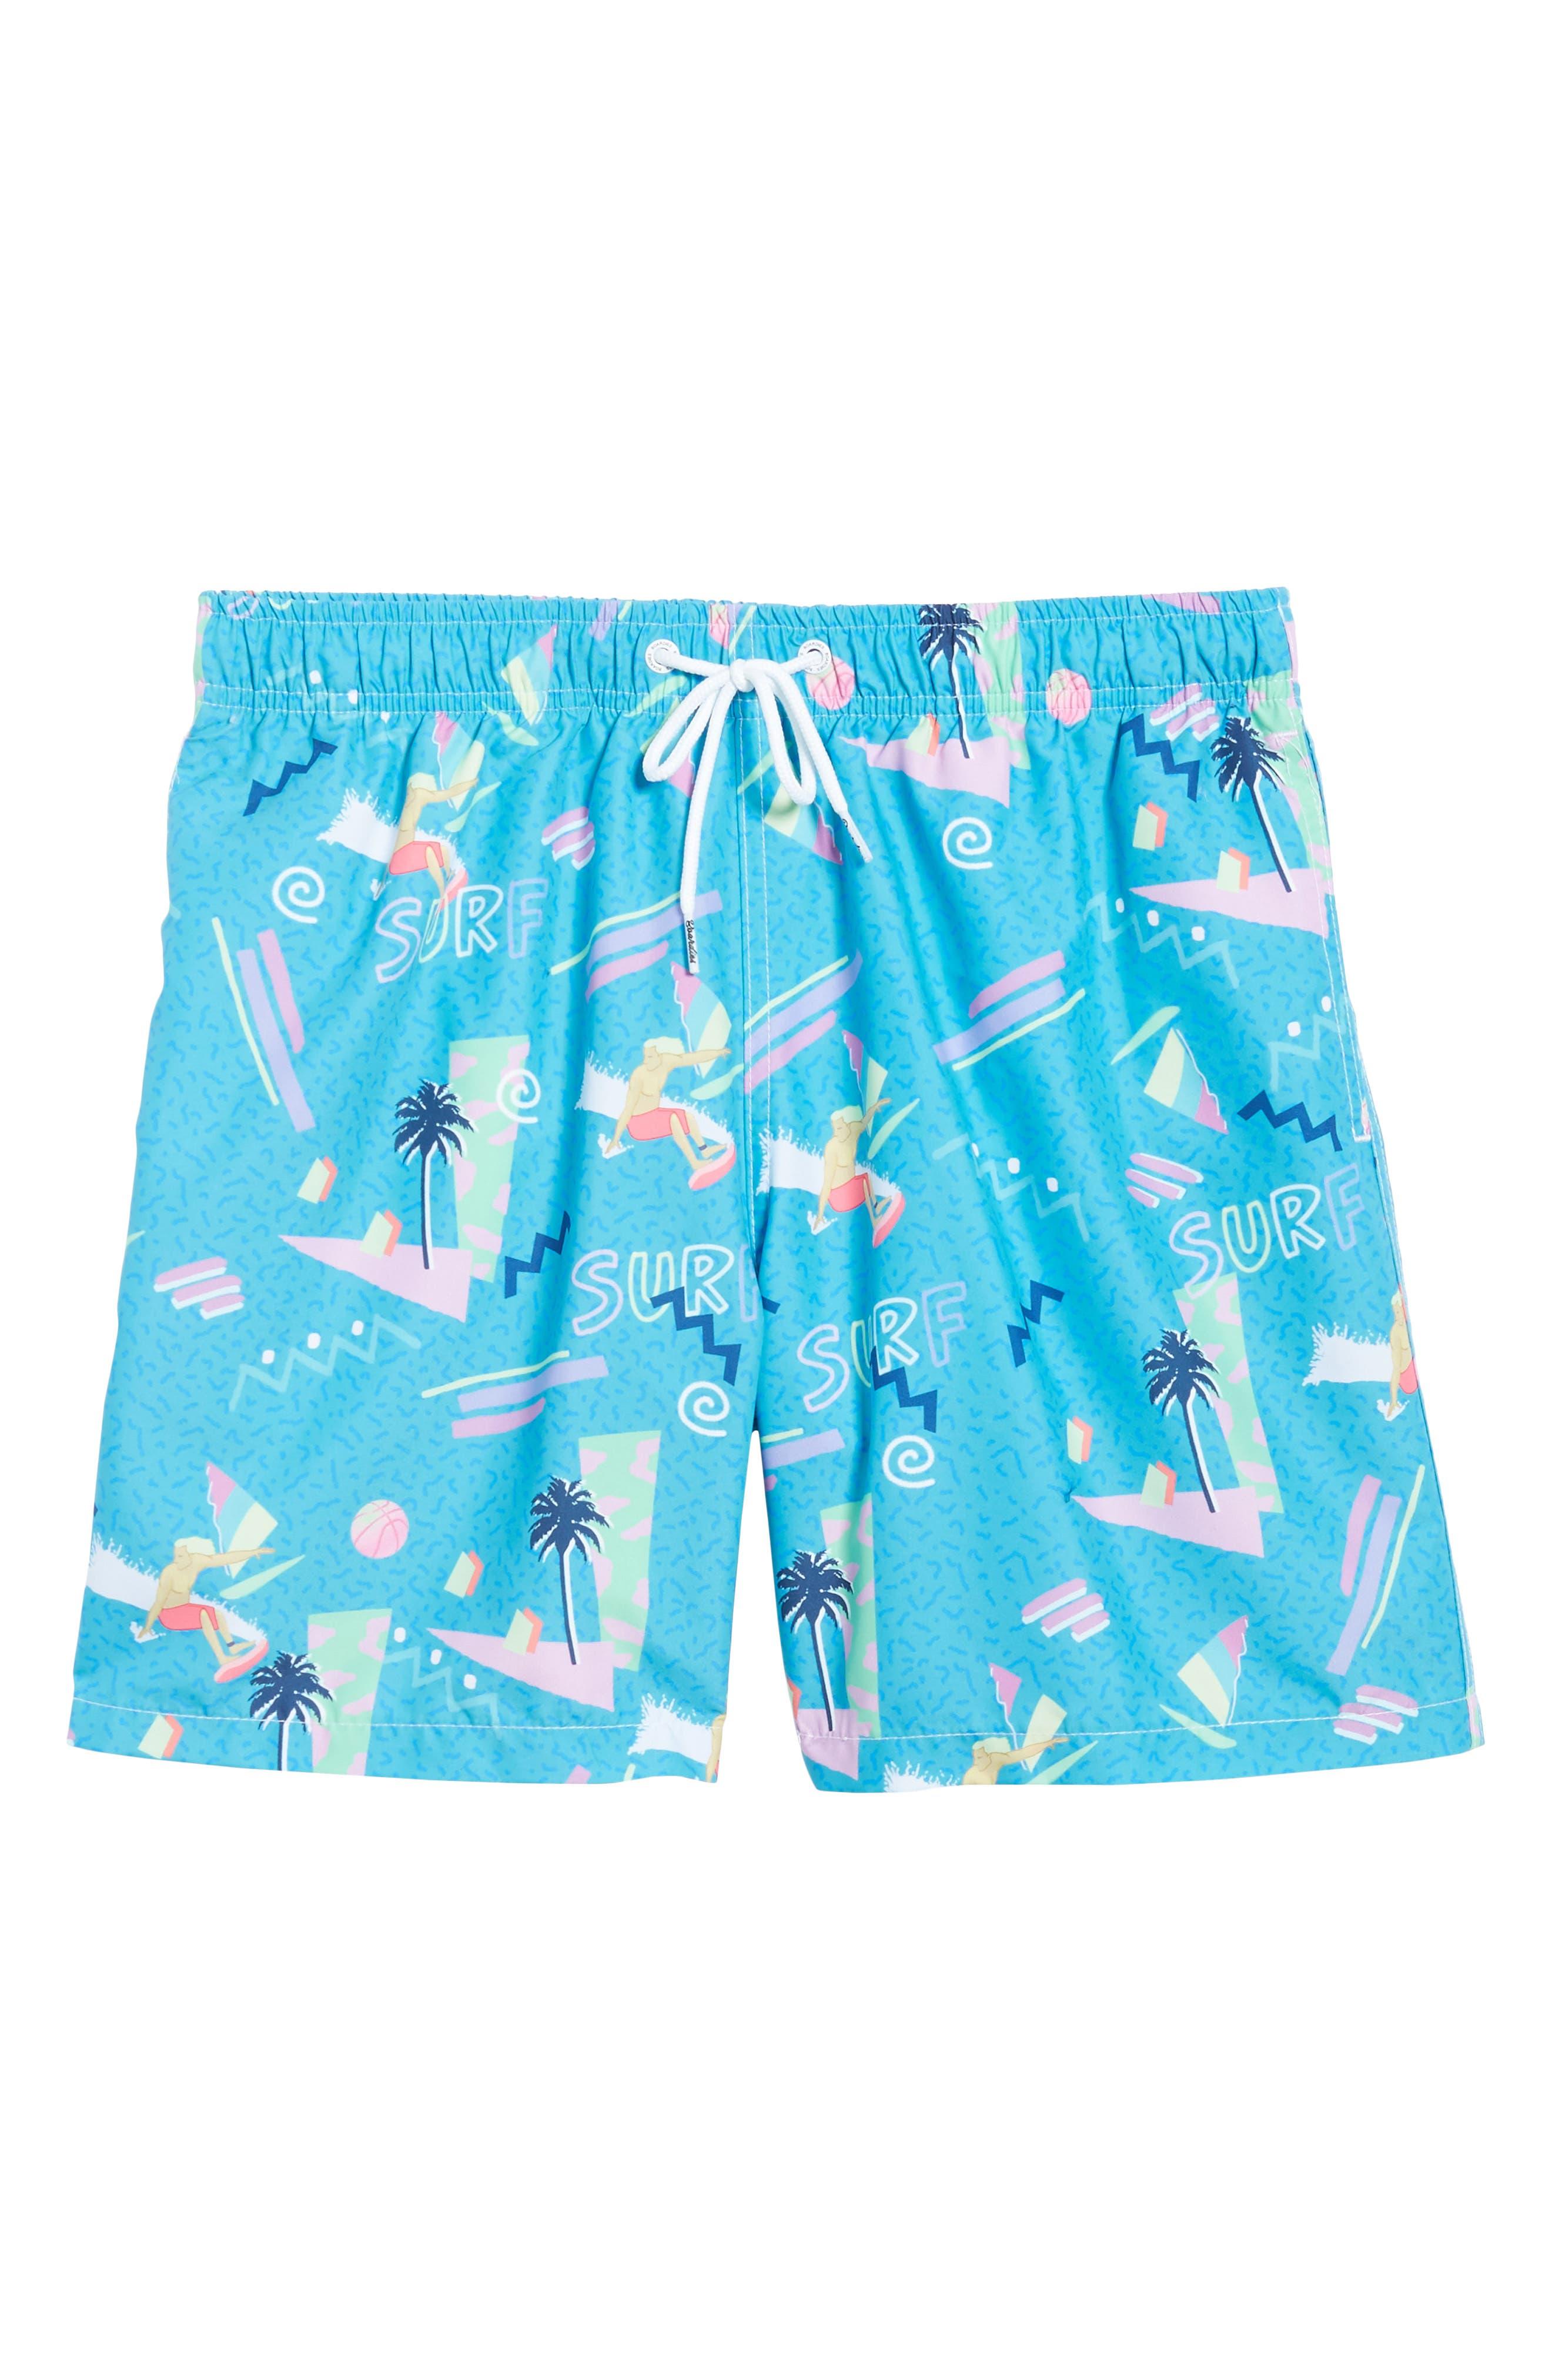 x Yoko Honda Print Swim Shorts,                             Alternate thumbnail 6, color,                             Blue